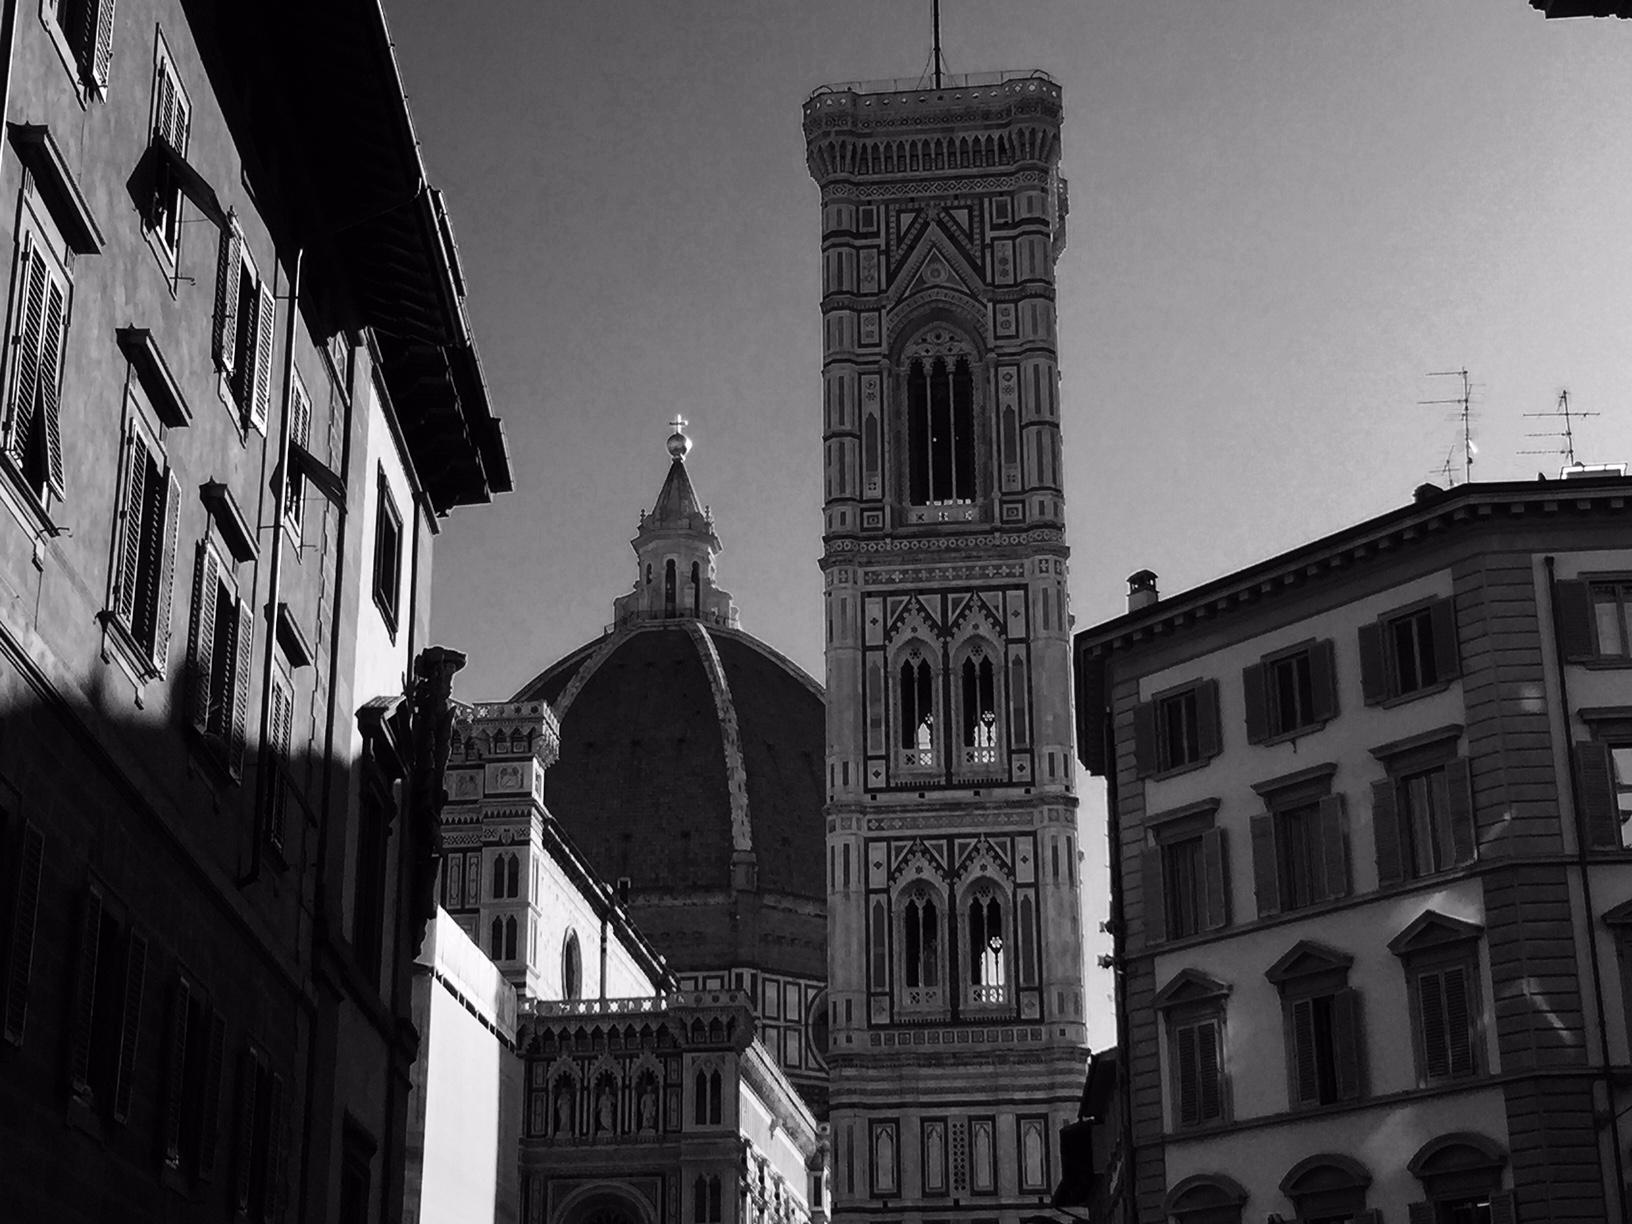 Eventi per famiglie Firenze 14 e 15 marzo 2015